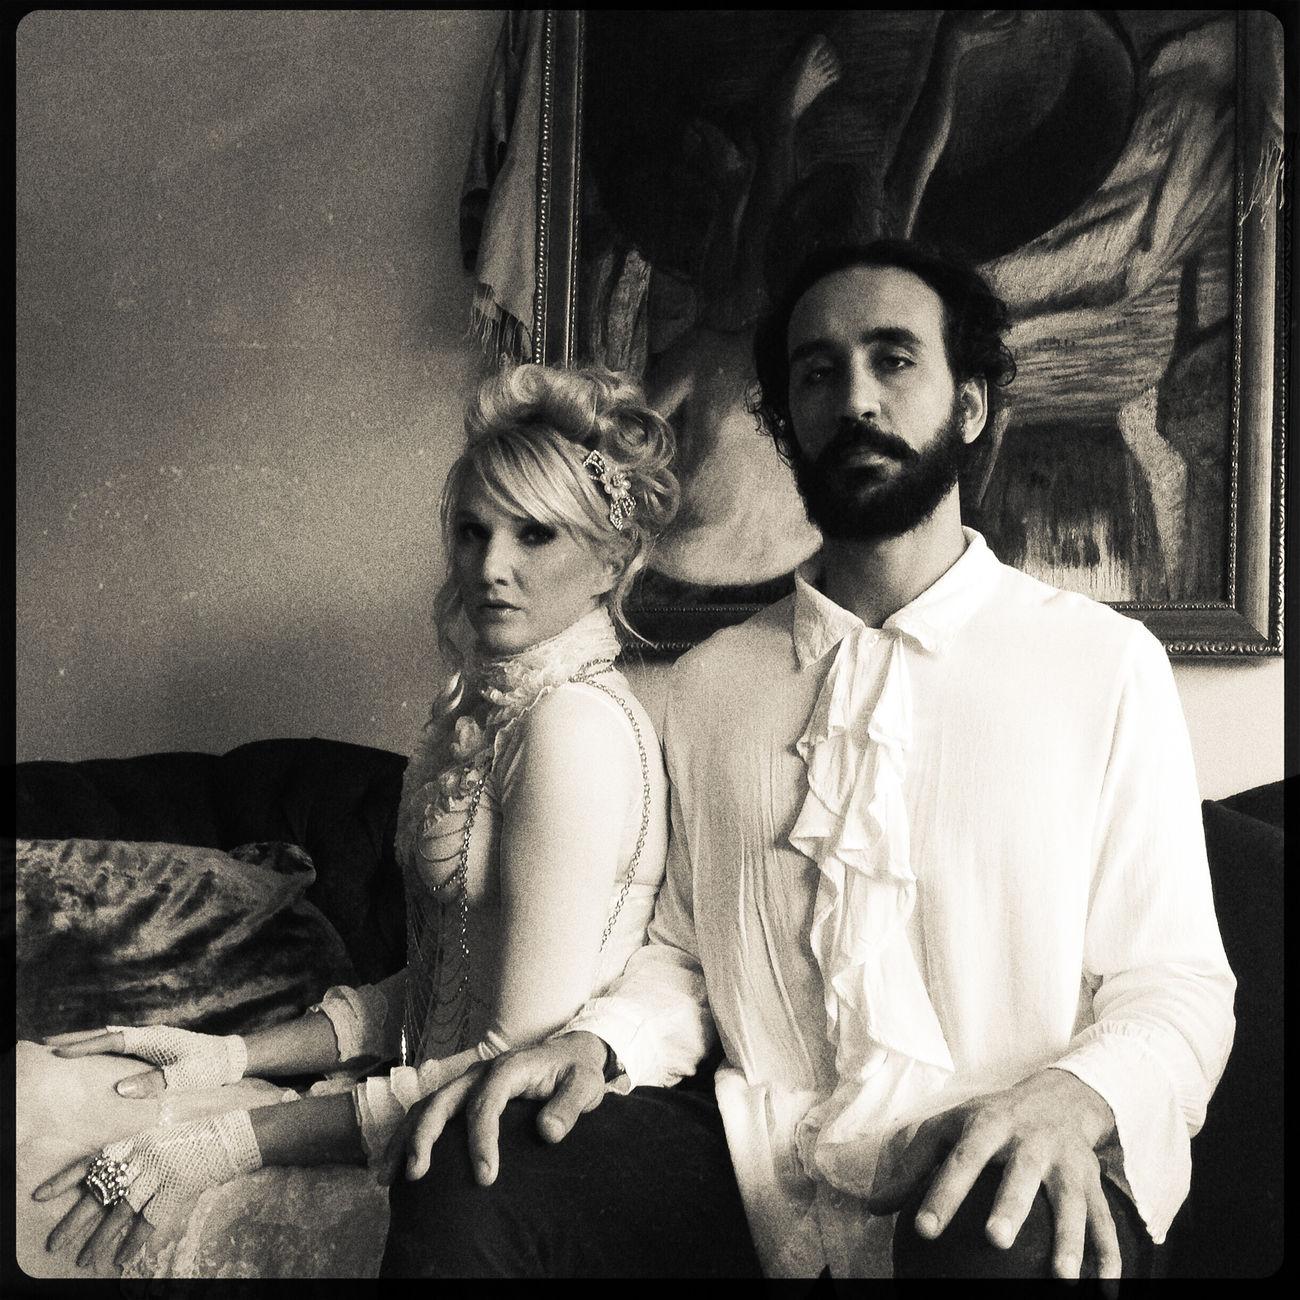 Gothic B&W Portrait Black & White Blackandwhite Couple Fashion Photography IndoorPhotography Indoors  Oddbeauty Portrait Sitting Sofa The Portraitist - 20I6 EyeEm Awards